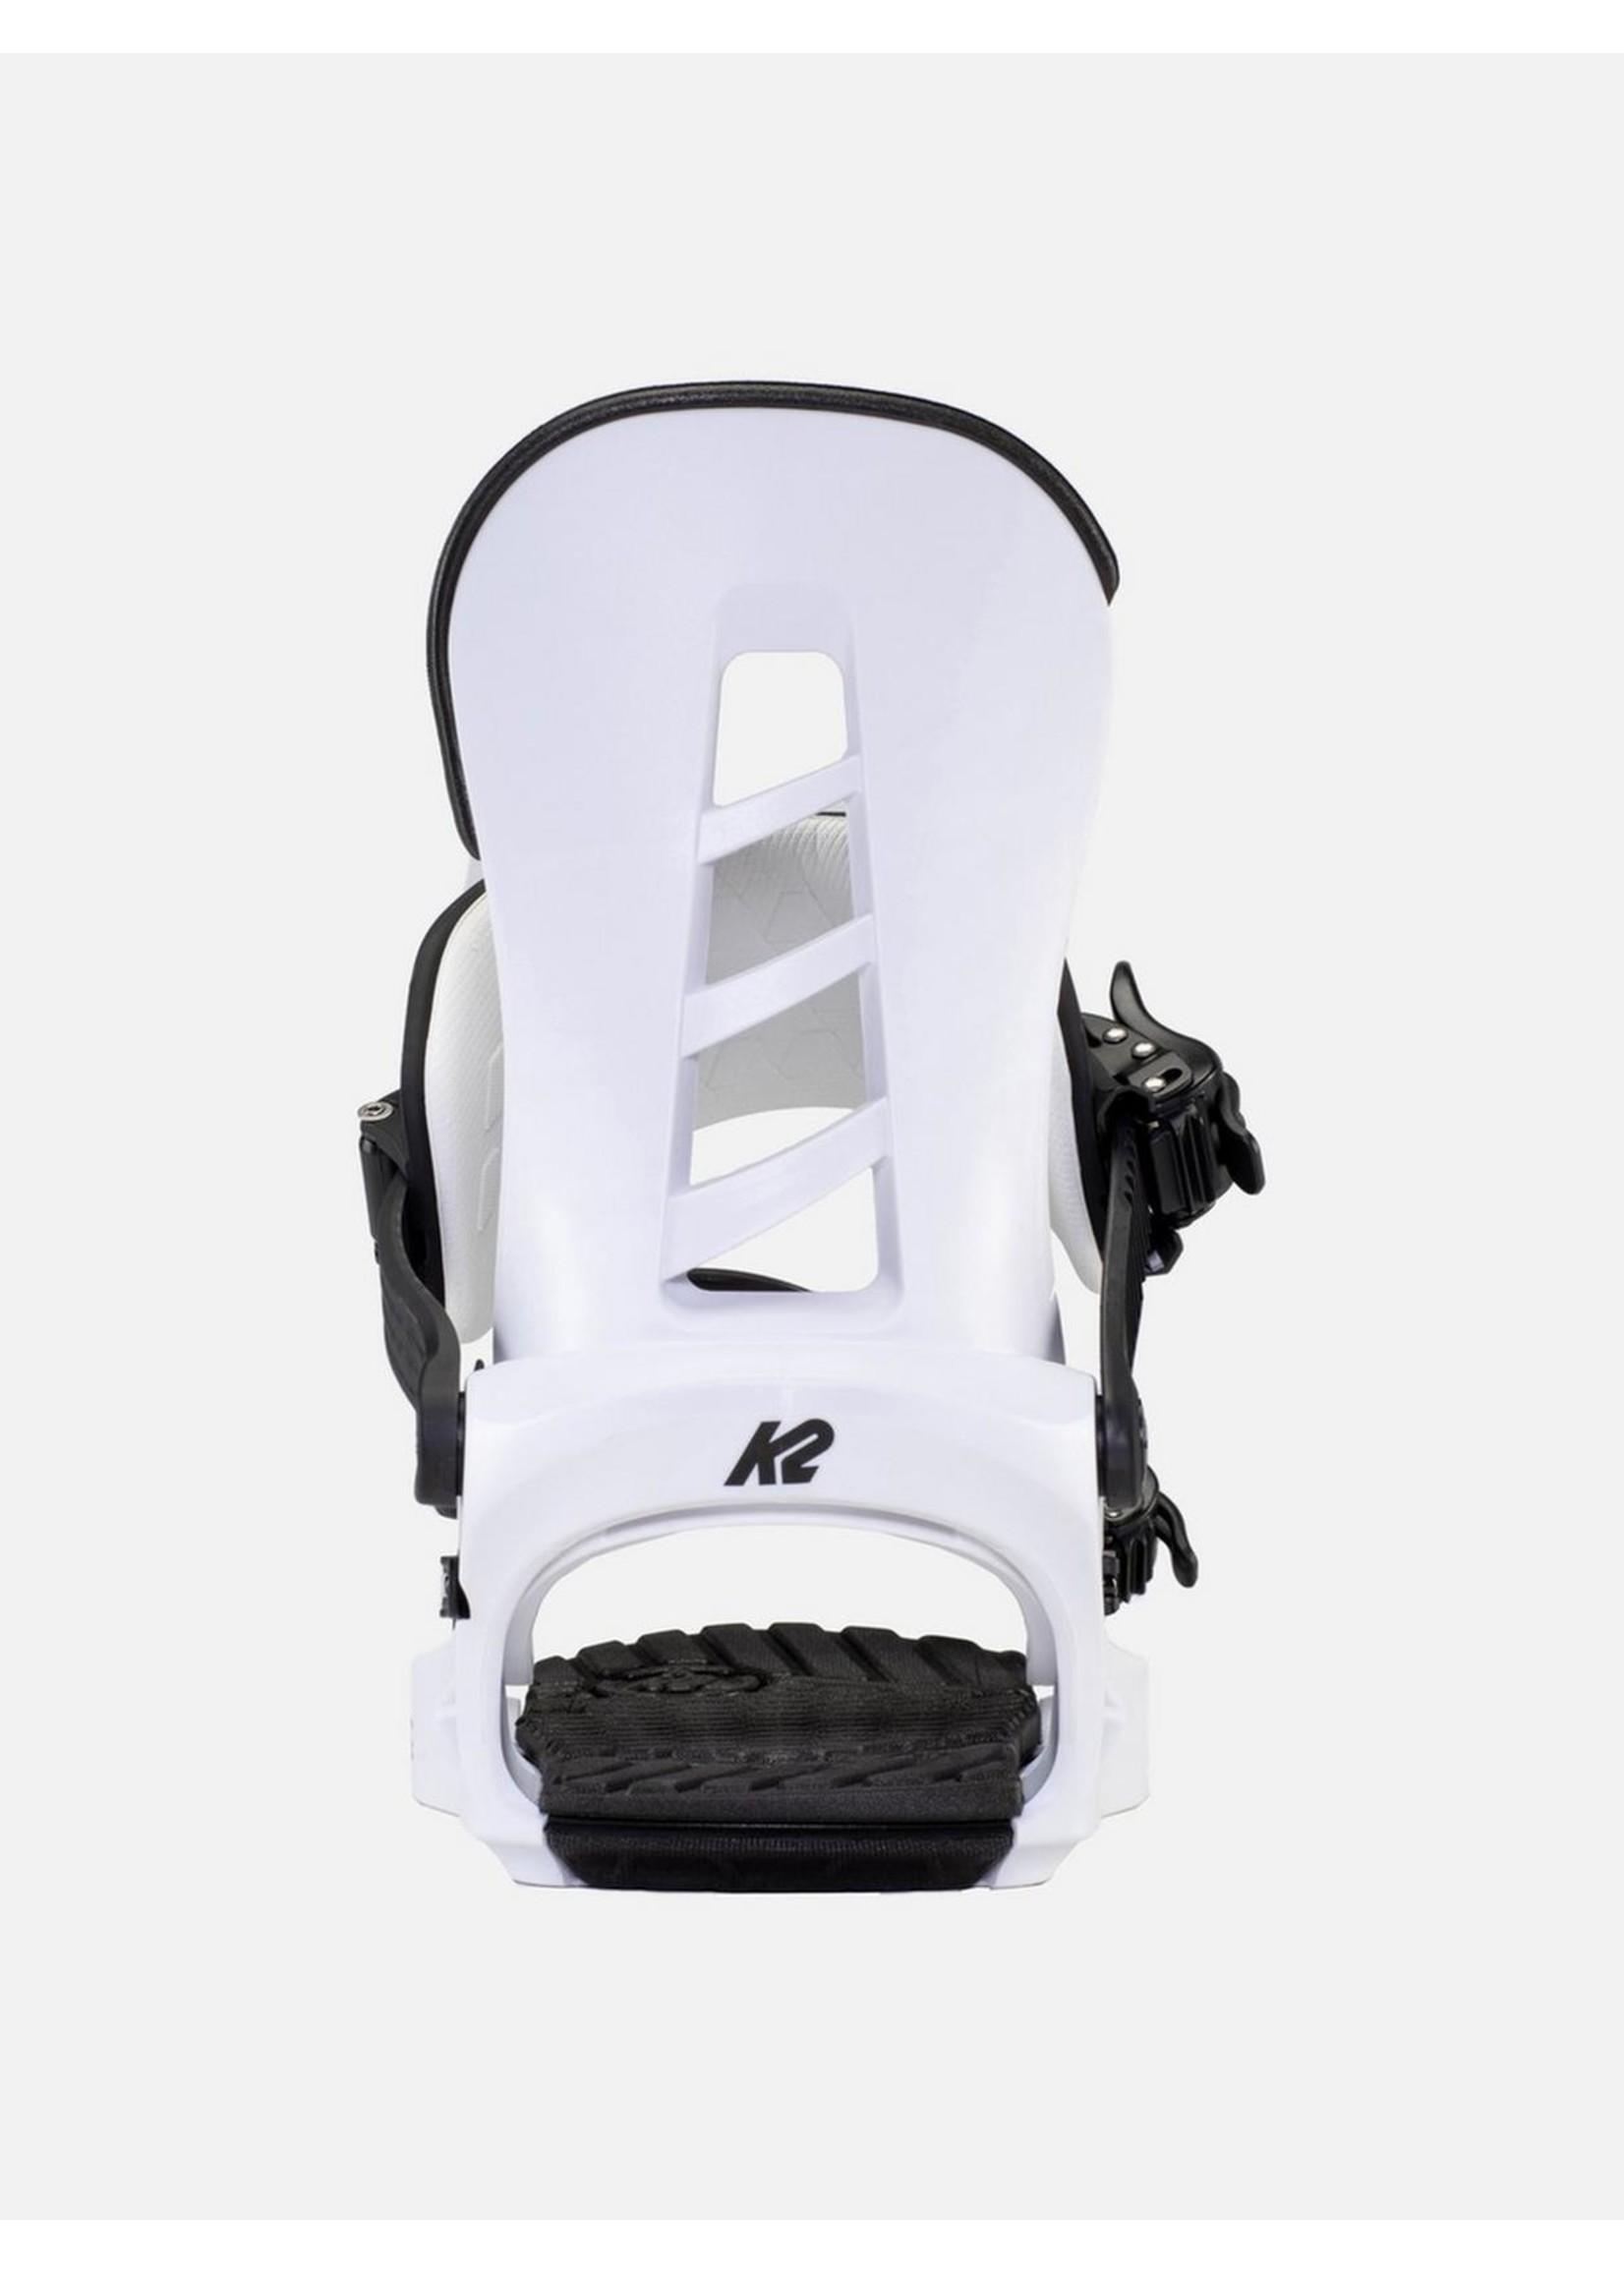 K2 SONIC